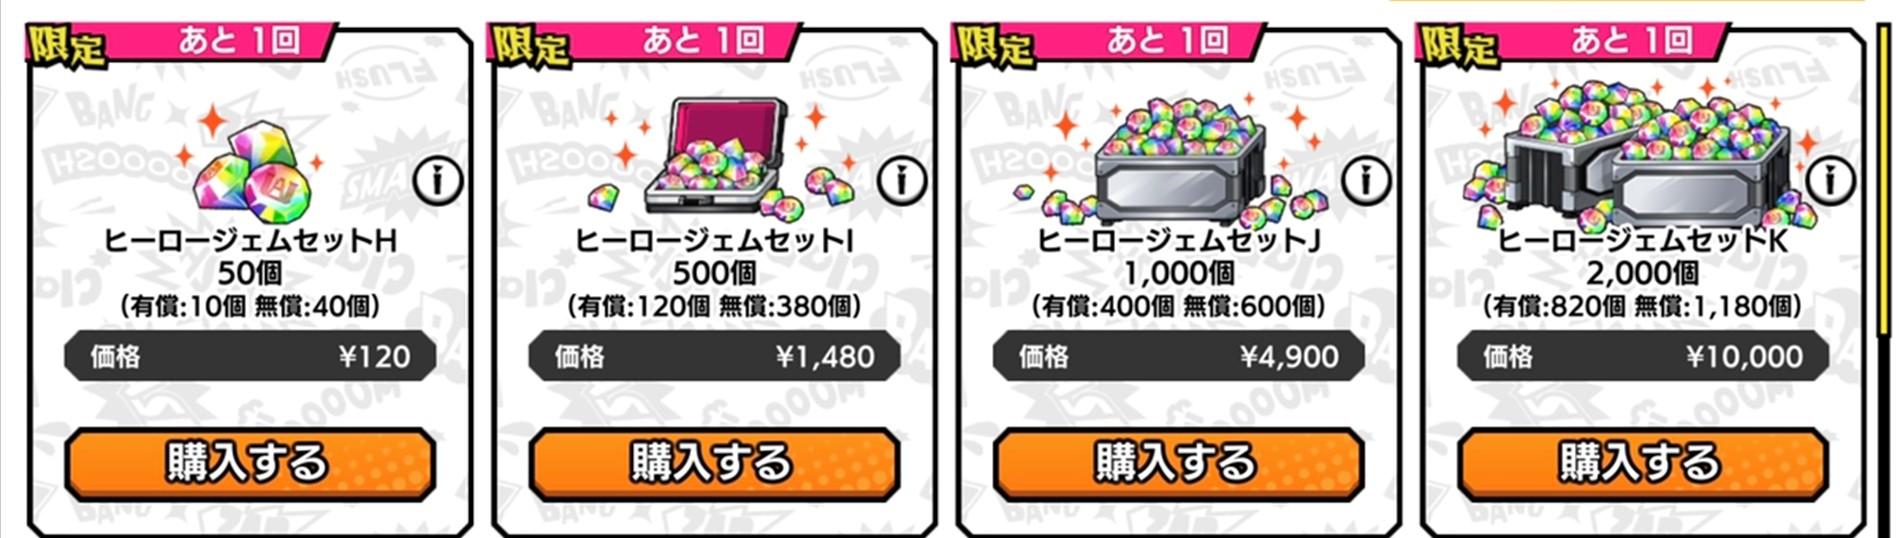 【ヒロトラ】天井の金額はいくら掛かる?何連分の石が必要?